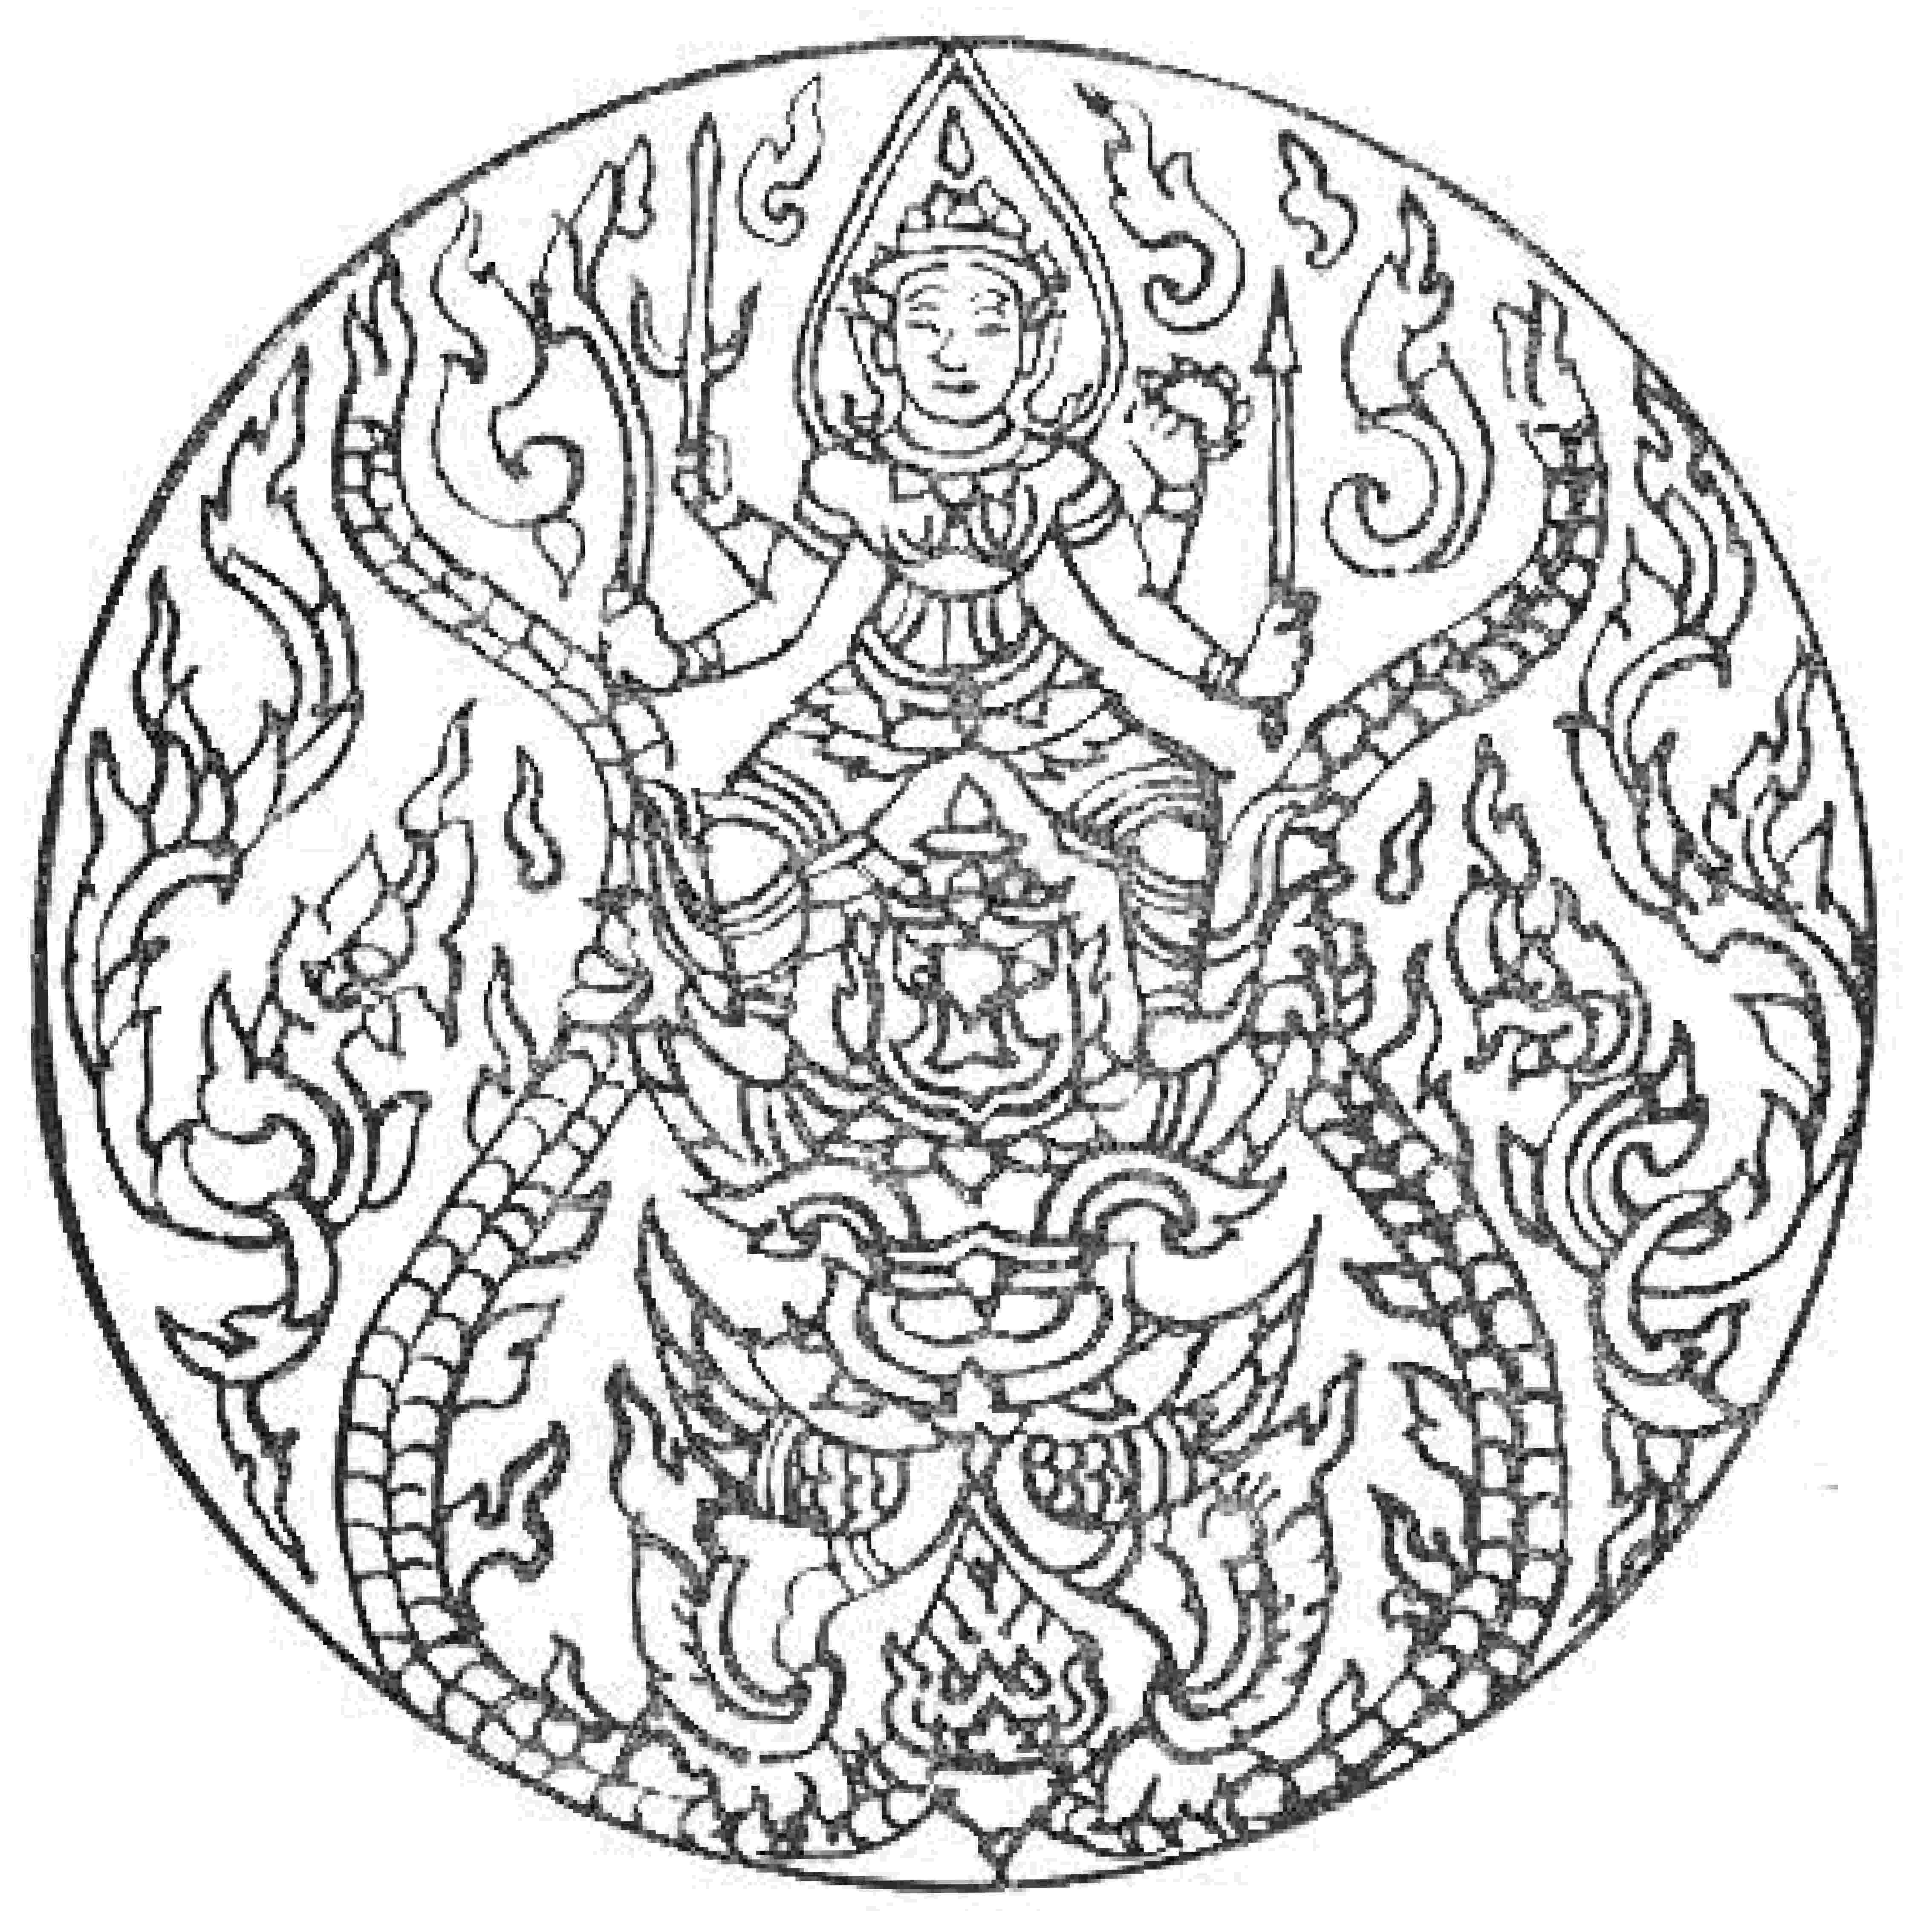 mandalas for coloring free printable mandala coloring pages for adults best for mandalas coloring